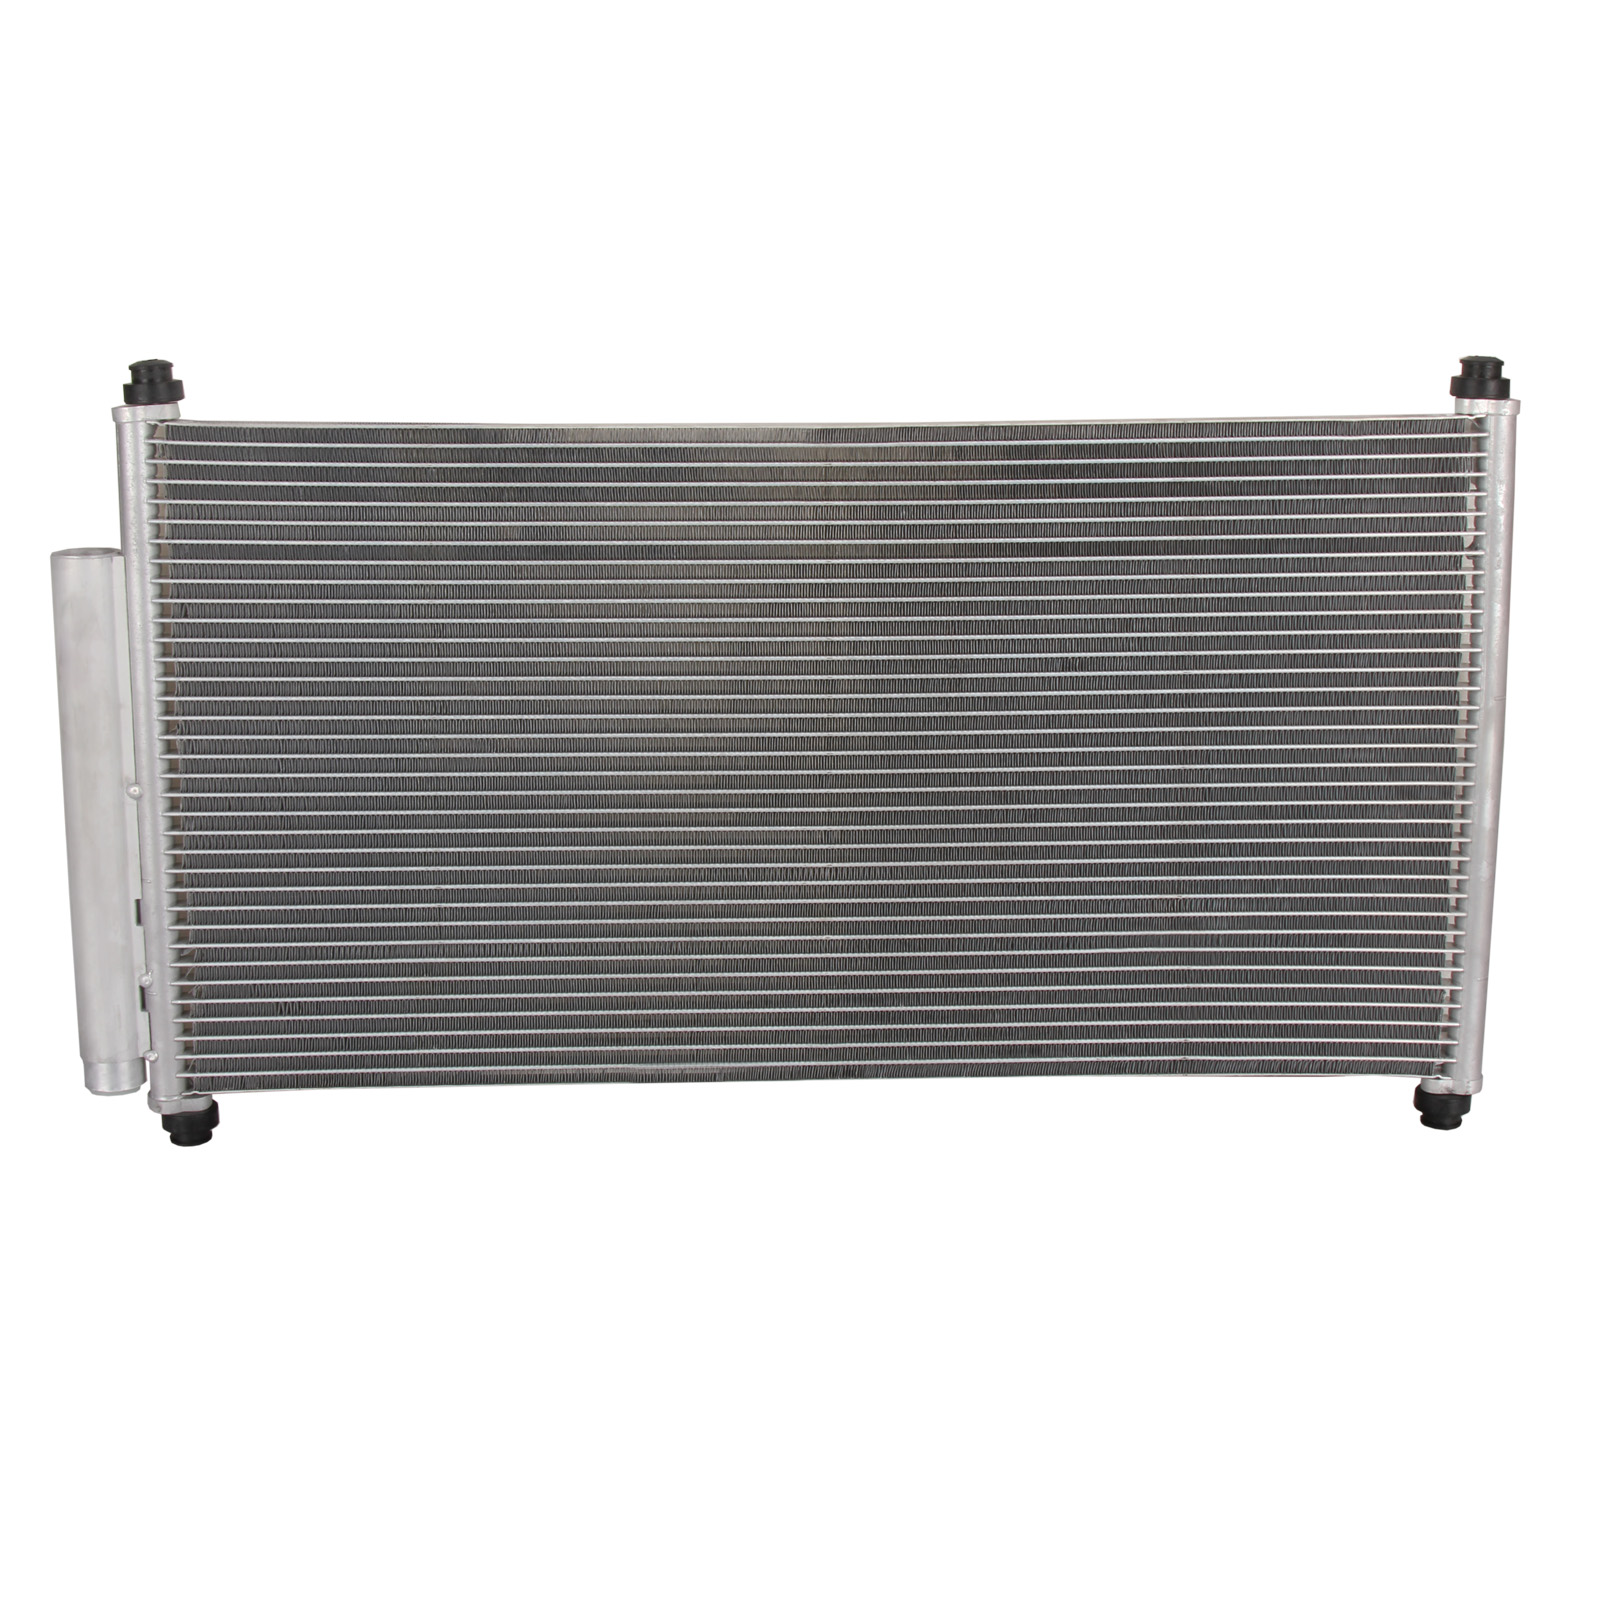 3965 AC Condenser Aluminum For 2013-2015 Acura ILX / 2012